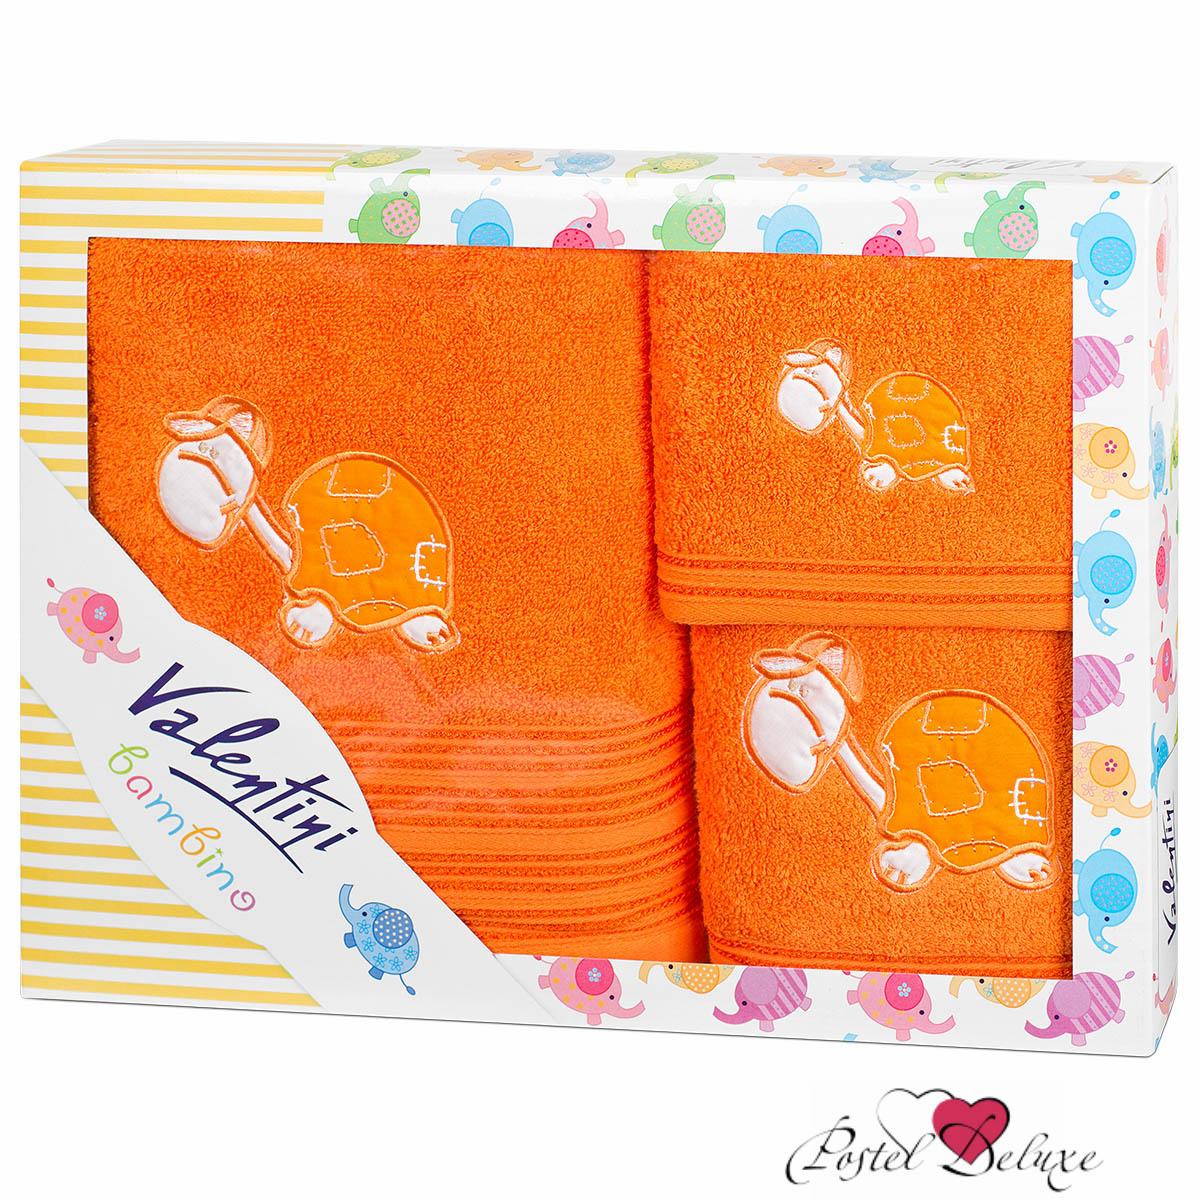 Полотенца Valentini Детское полотенце Junior Tbr Цвет: Оранжевый (Набор) набор из 3 полотенец merzuka sakura 50х90 2 70х140 8432 оранжевый